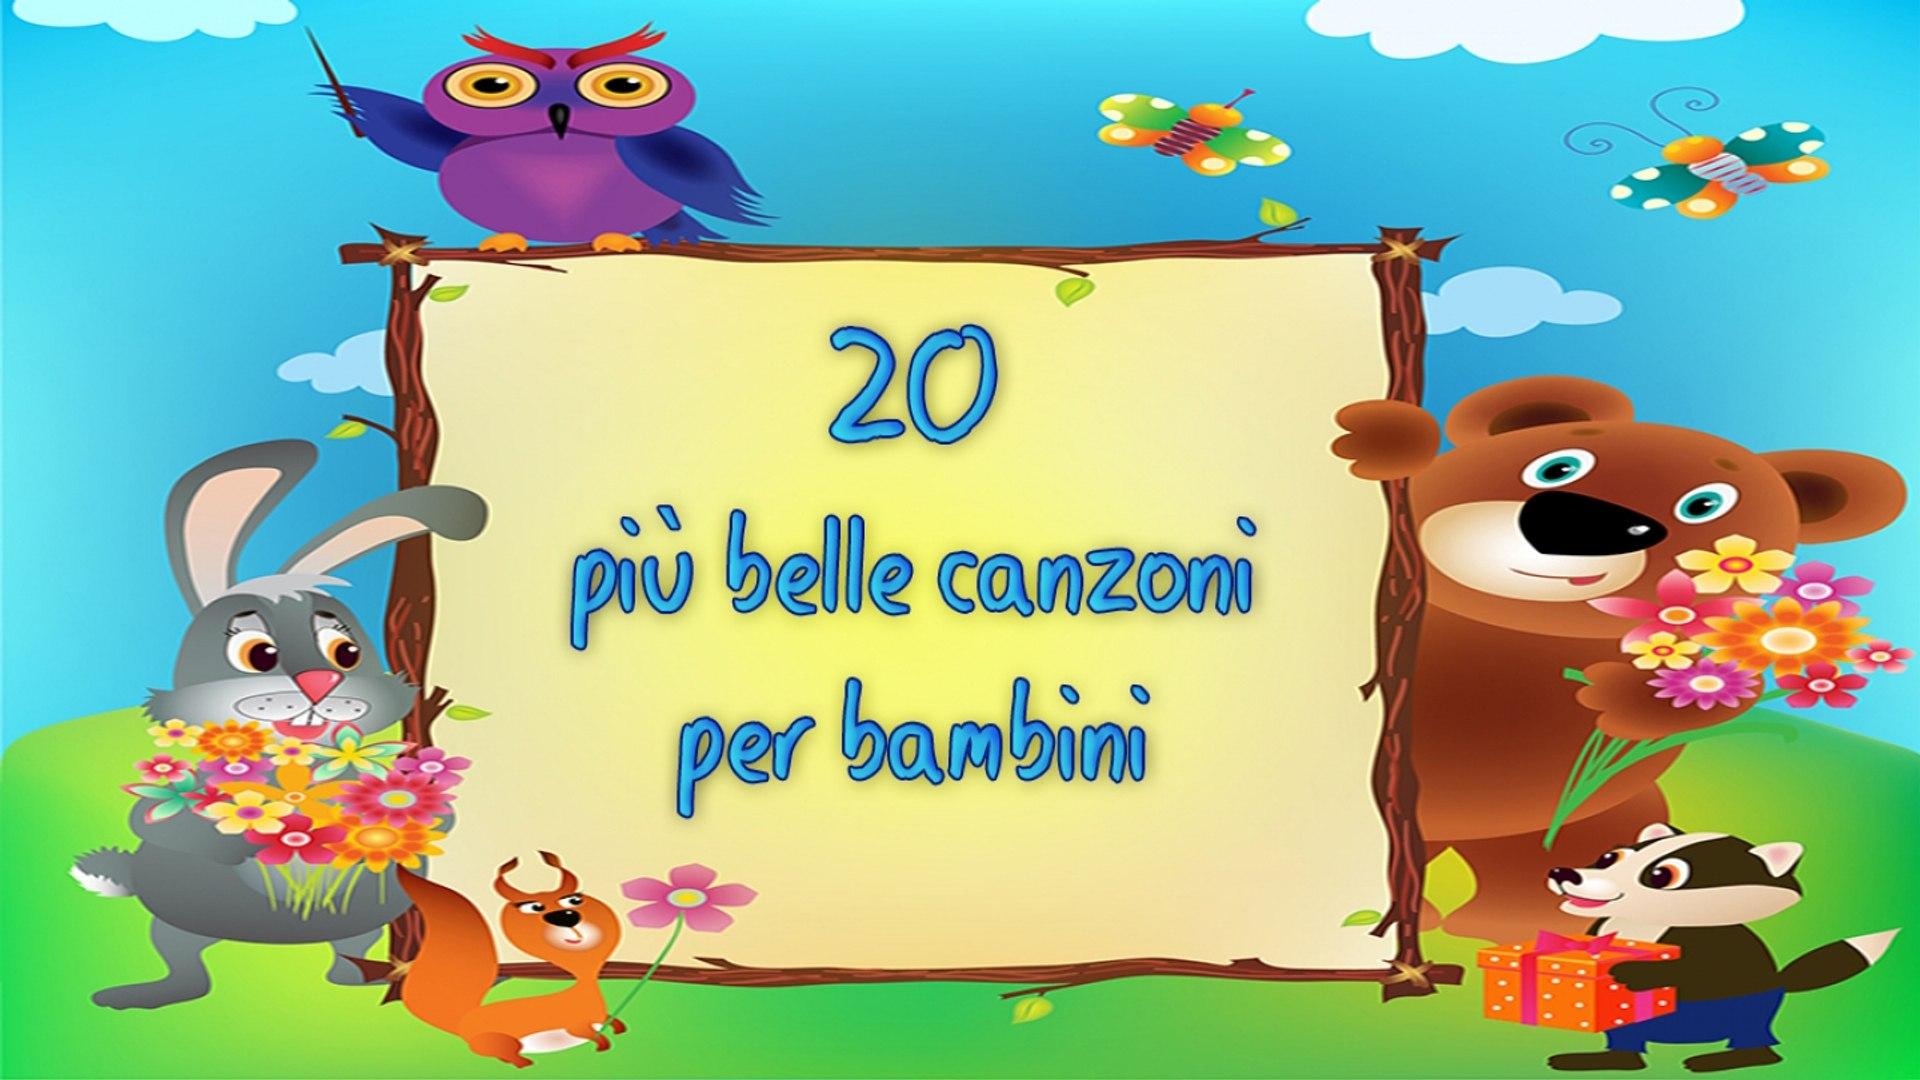 Sa 20 Più Belle Canzoni Per Bambini Nella Vecchia Fattoria Girotondo Fra Martino